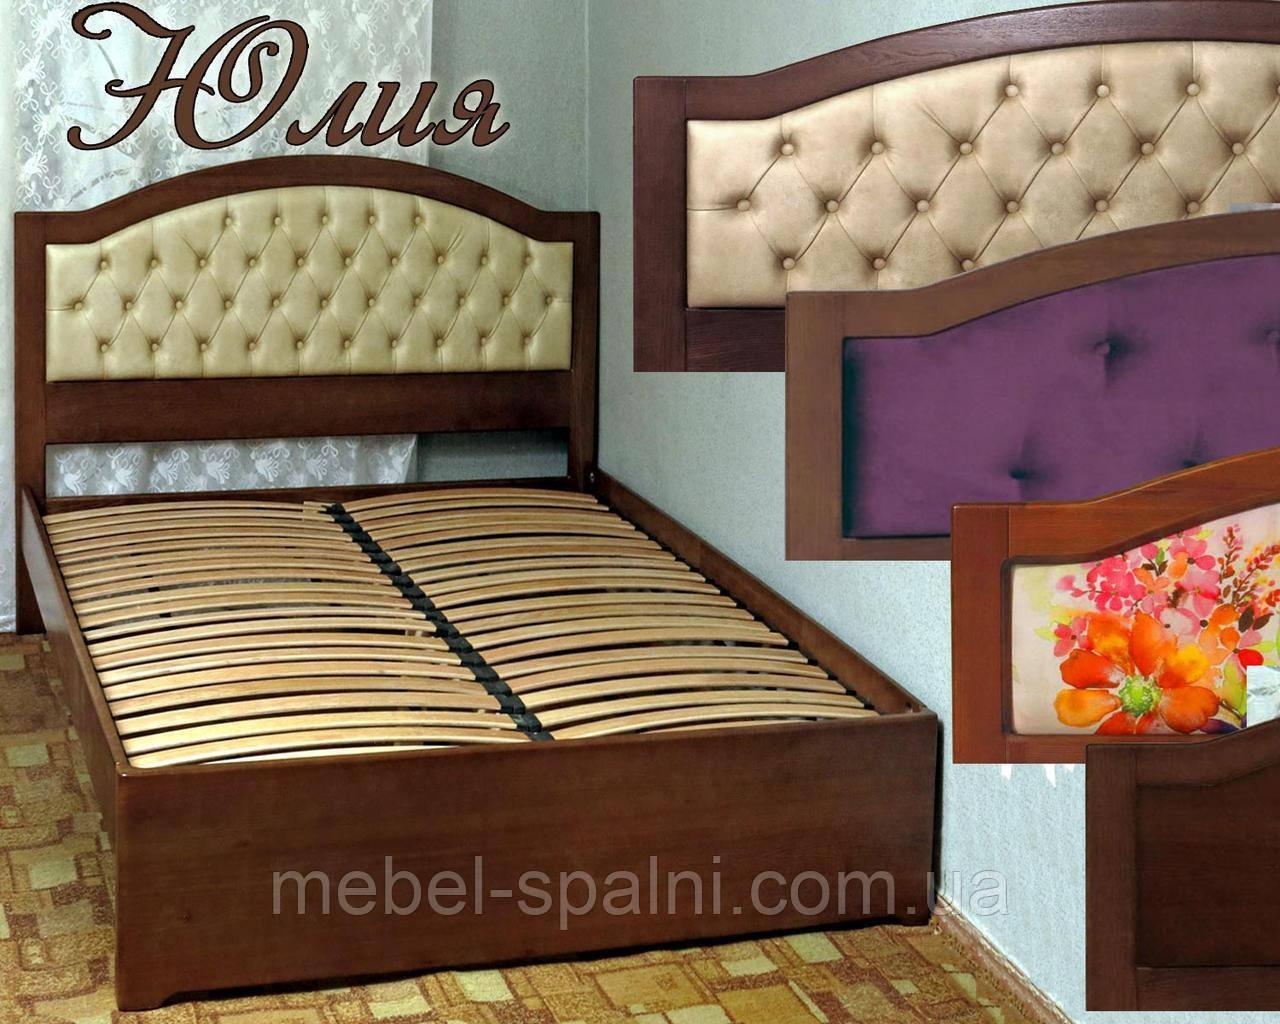 Кровать двуспальная деревянная «Юлия»